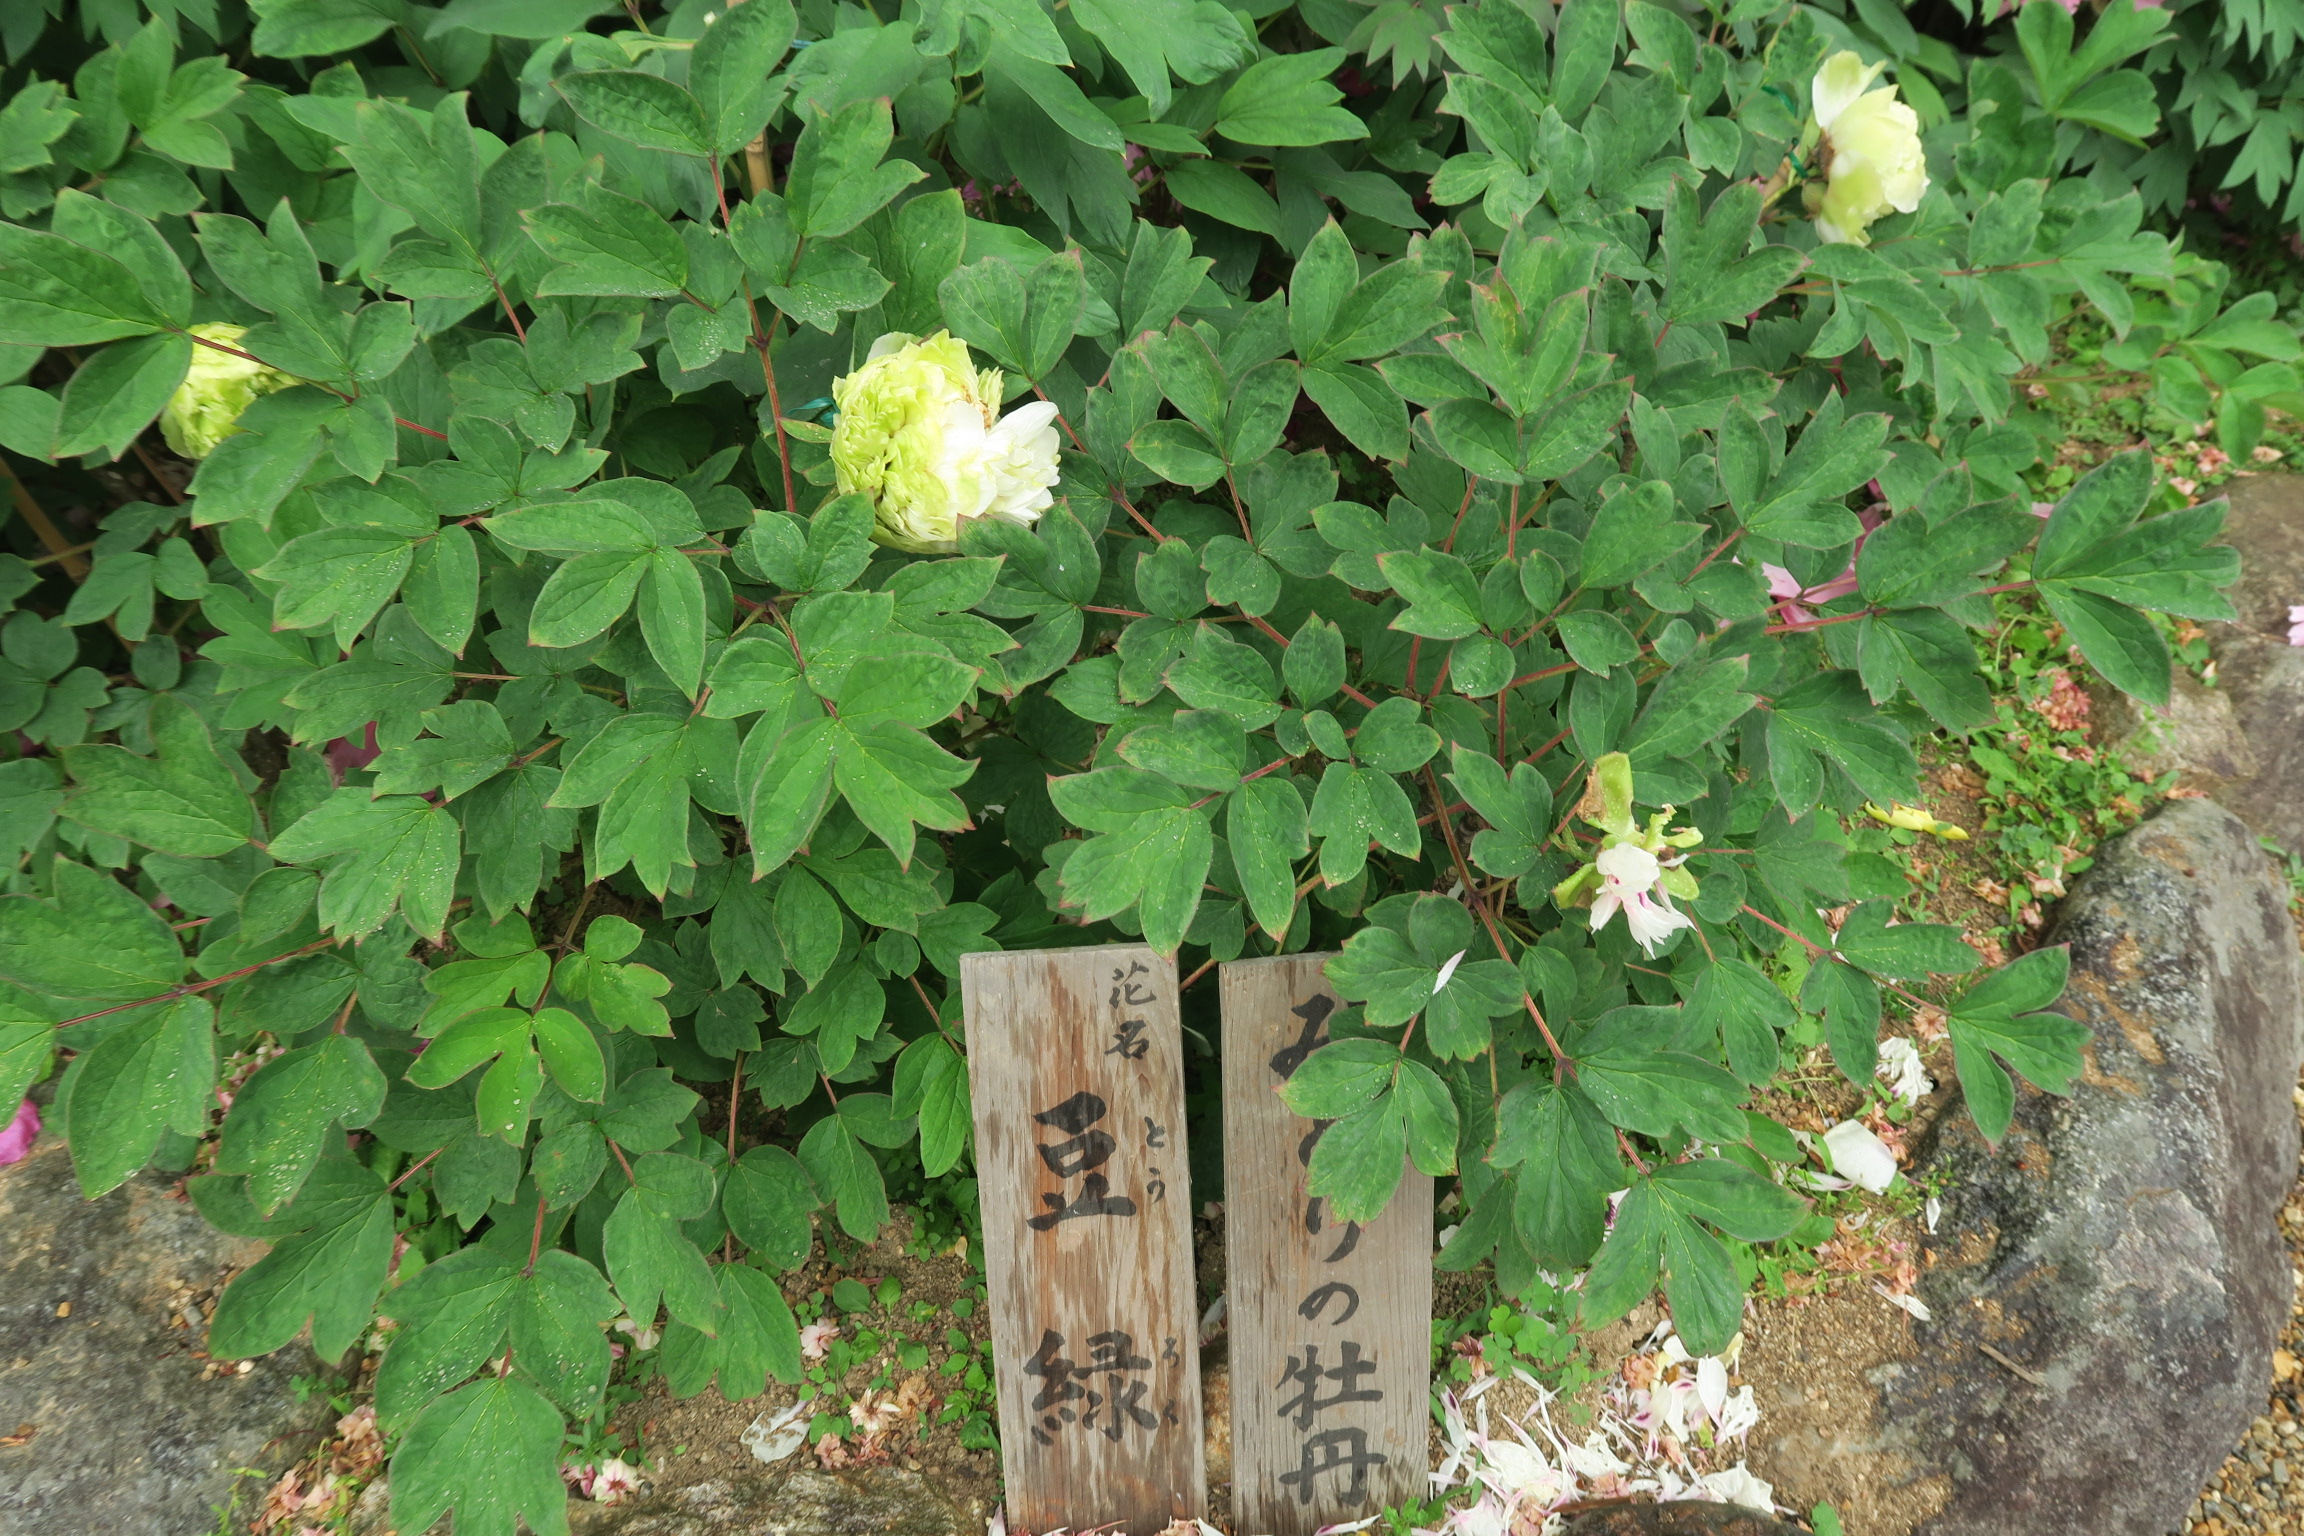 宝物館の庭に咲いていた珍しい「みどりの牡丹」です。あまり開花しない品種だそうです。